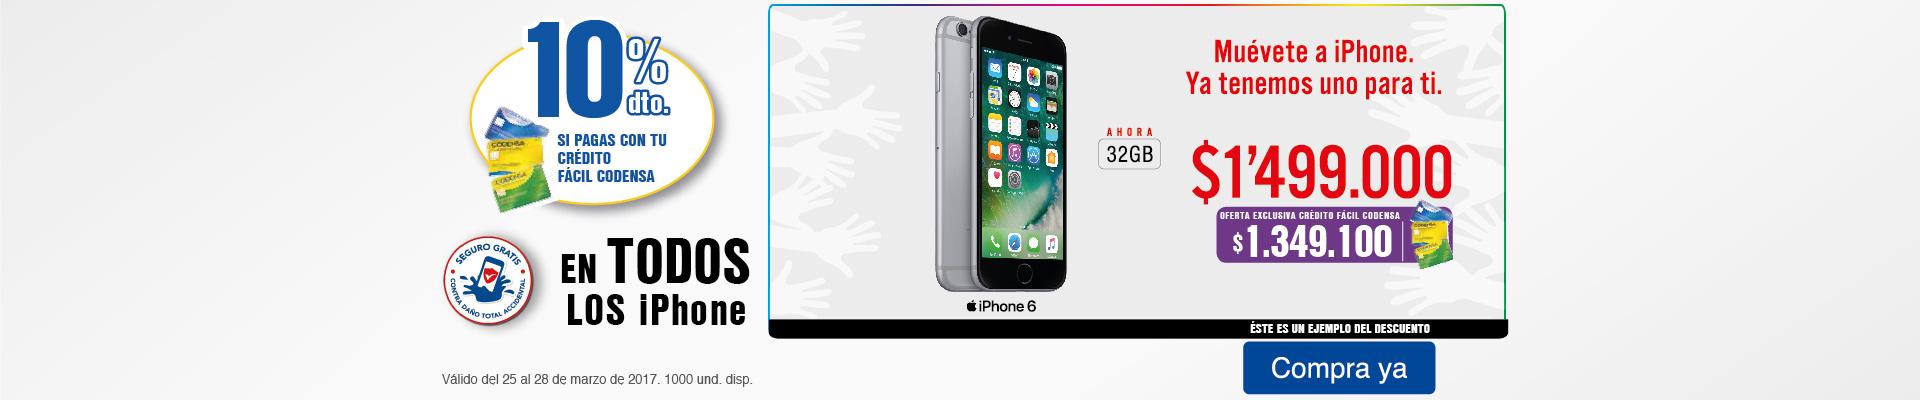 Bppal KT - 10% dto en TODOS los iPhone con Crédito Fácil Codensa - Mar25